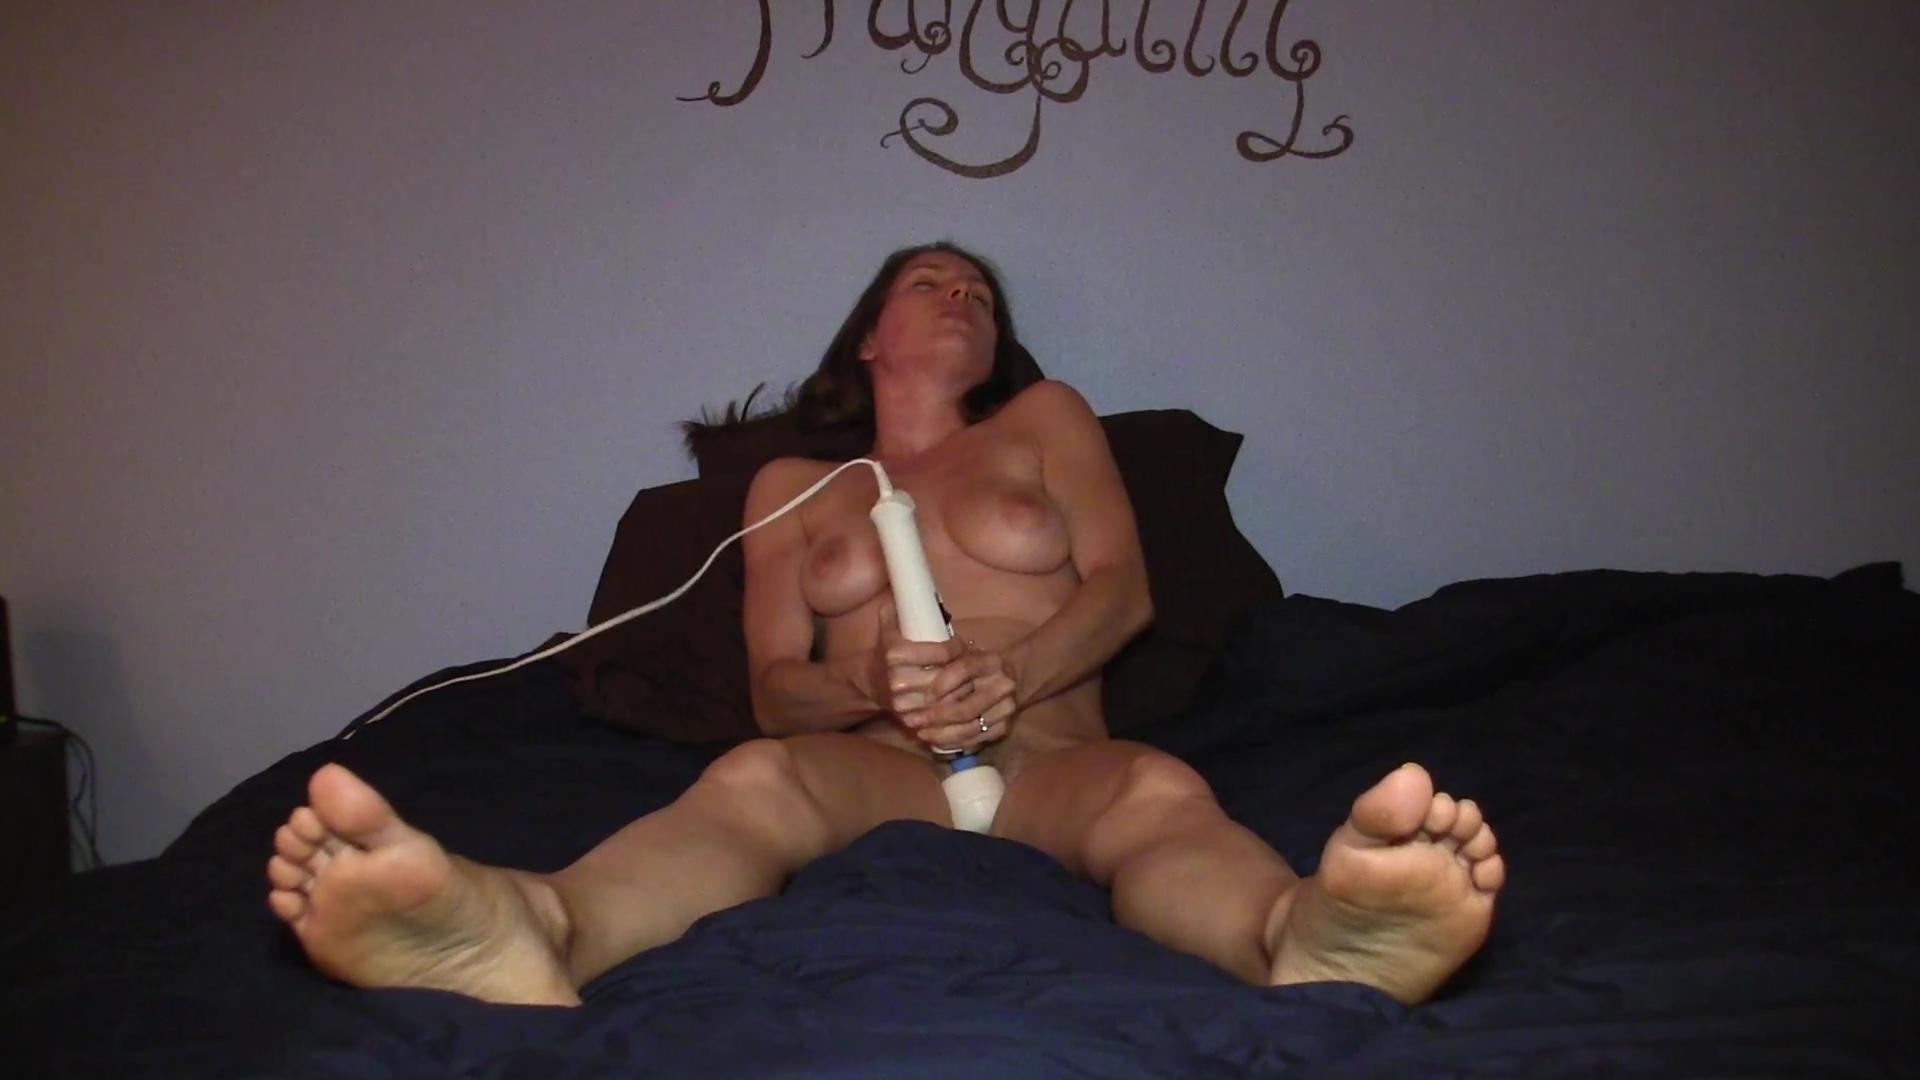 Смотреть мастурбацию женщин до оргазма 6 фотография